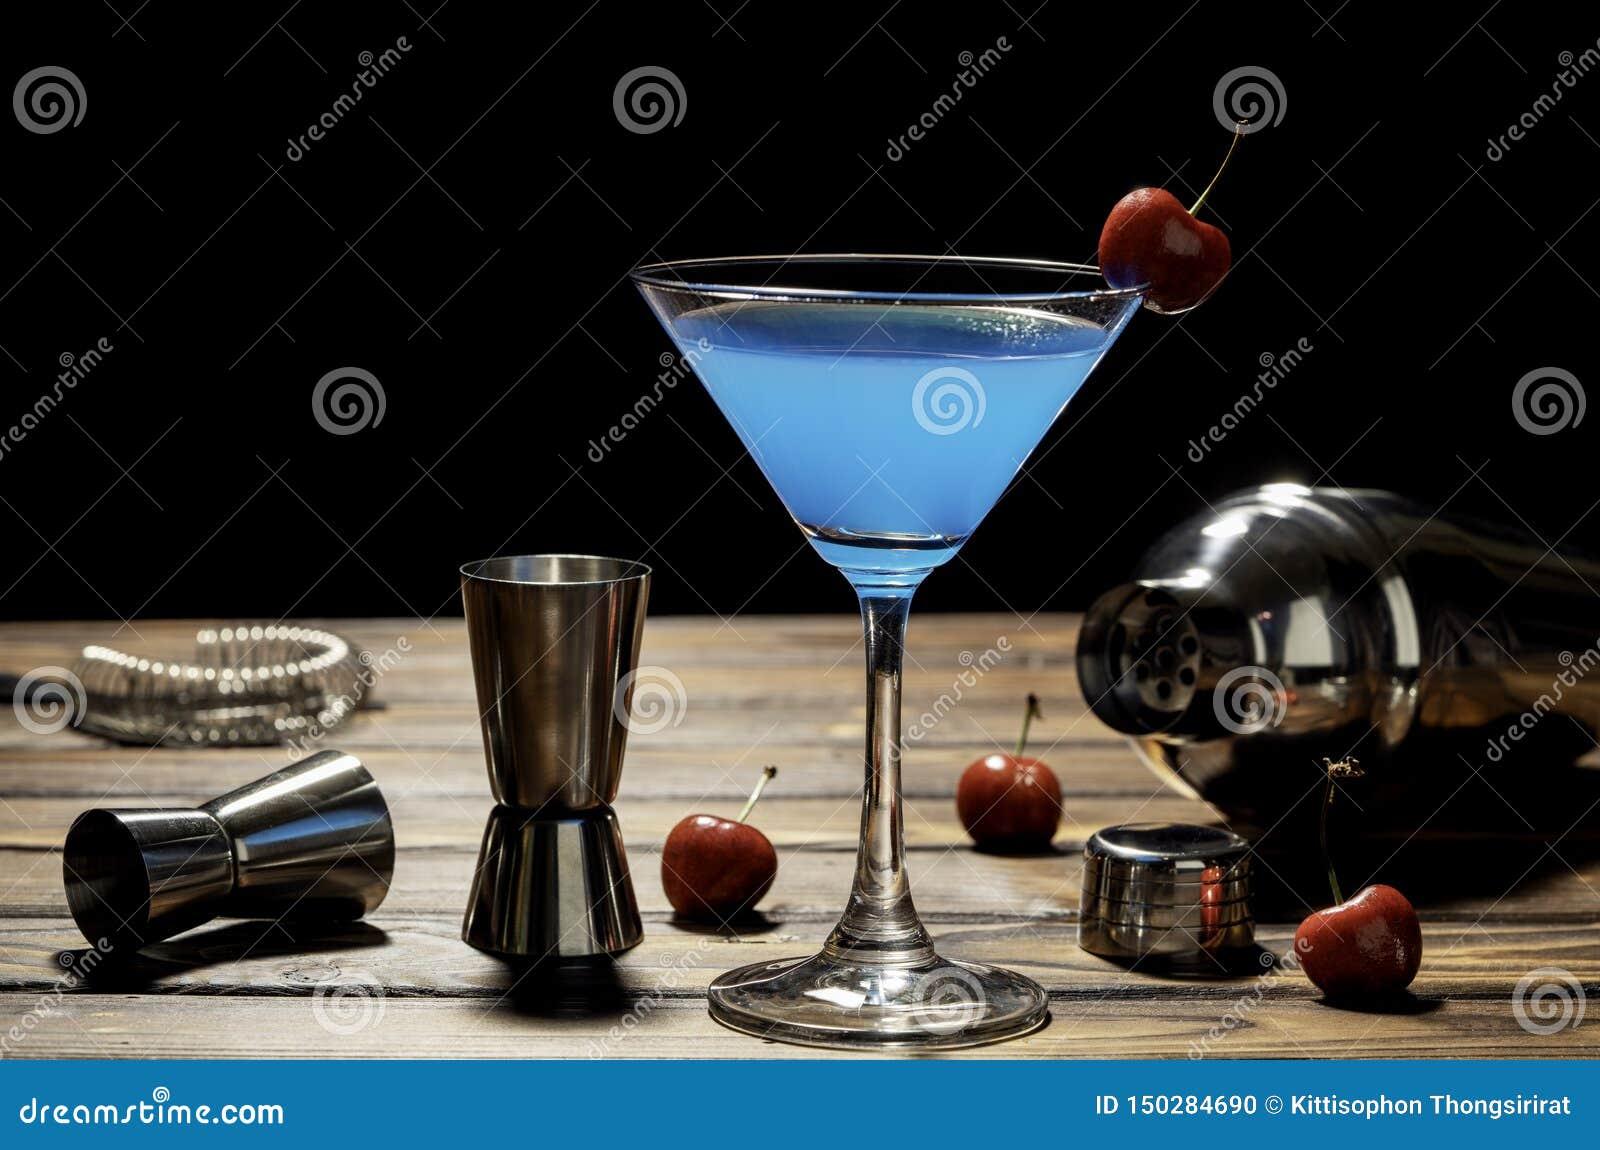 五颜六色的与红色樱桃和侍酒者辅助部件的鸡尾酒蓝色马蒂尼鸡尾酒食谱在木桌上在黑背景中